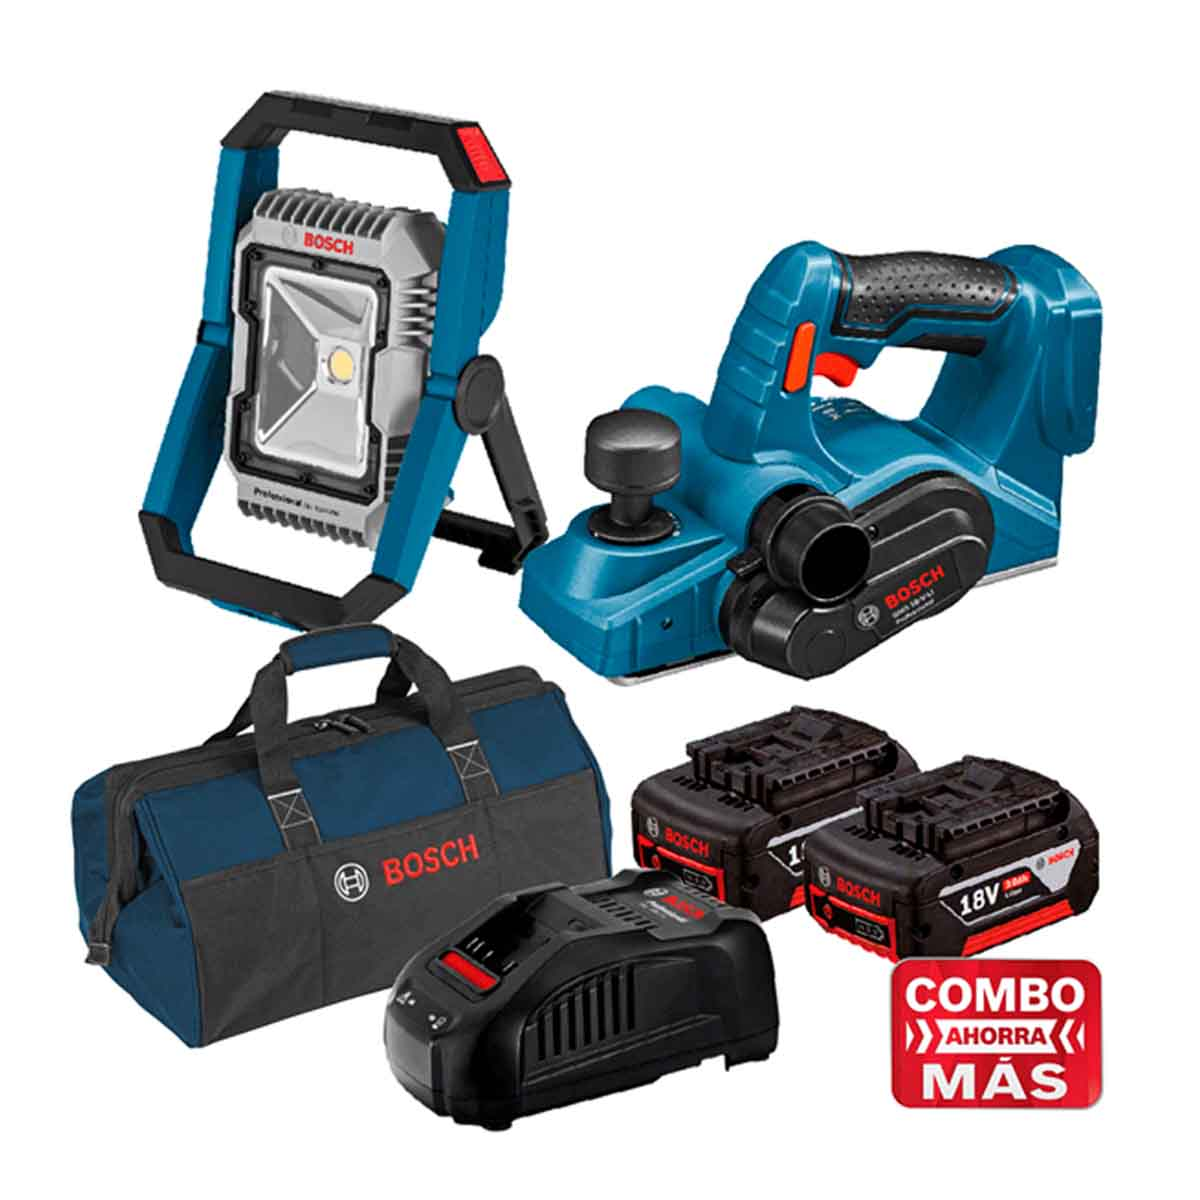 Cepillo 18V + Linterna + 2 Baterias Cargador + Maleta Bosch